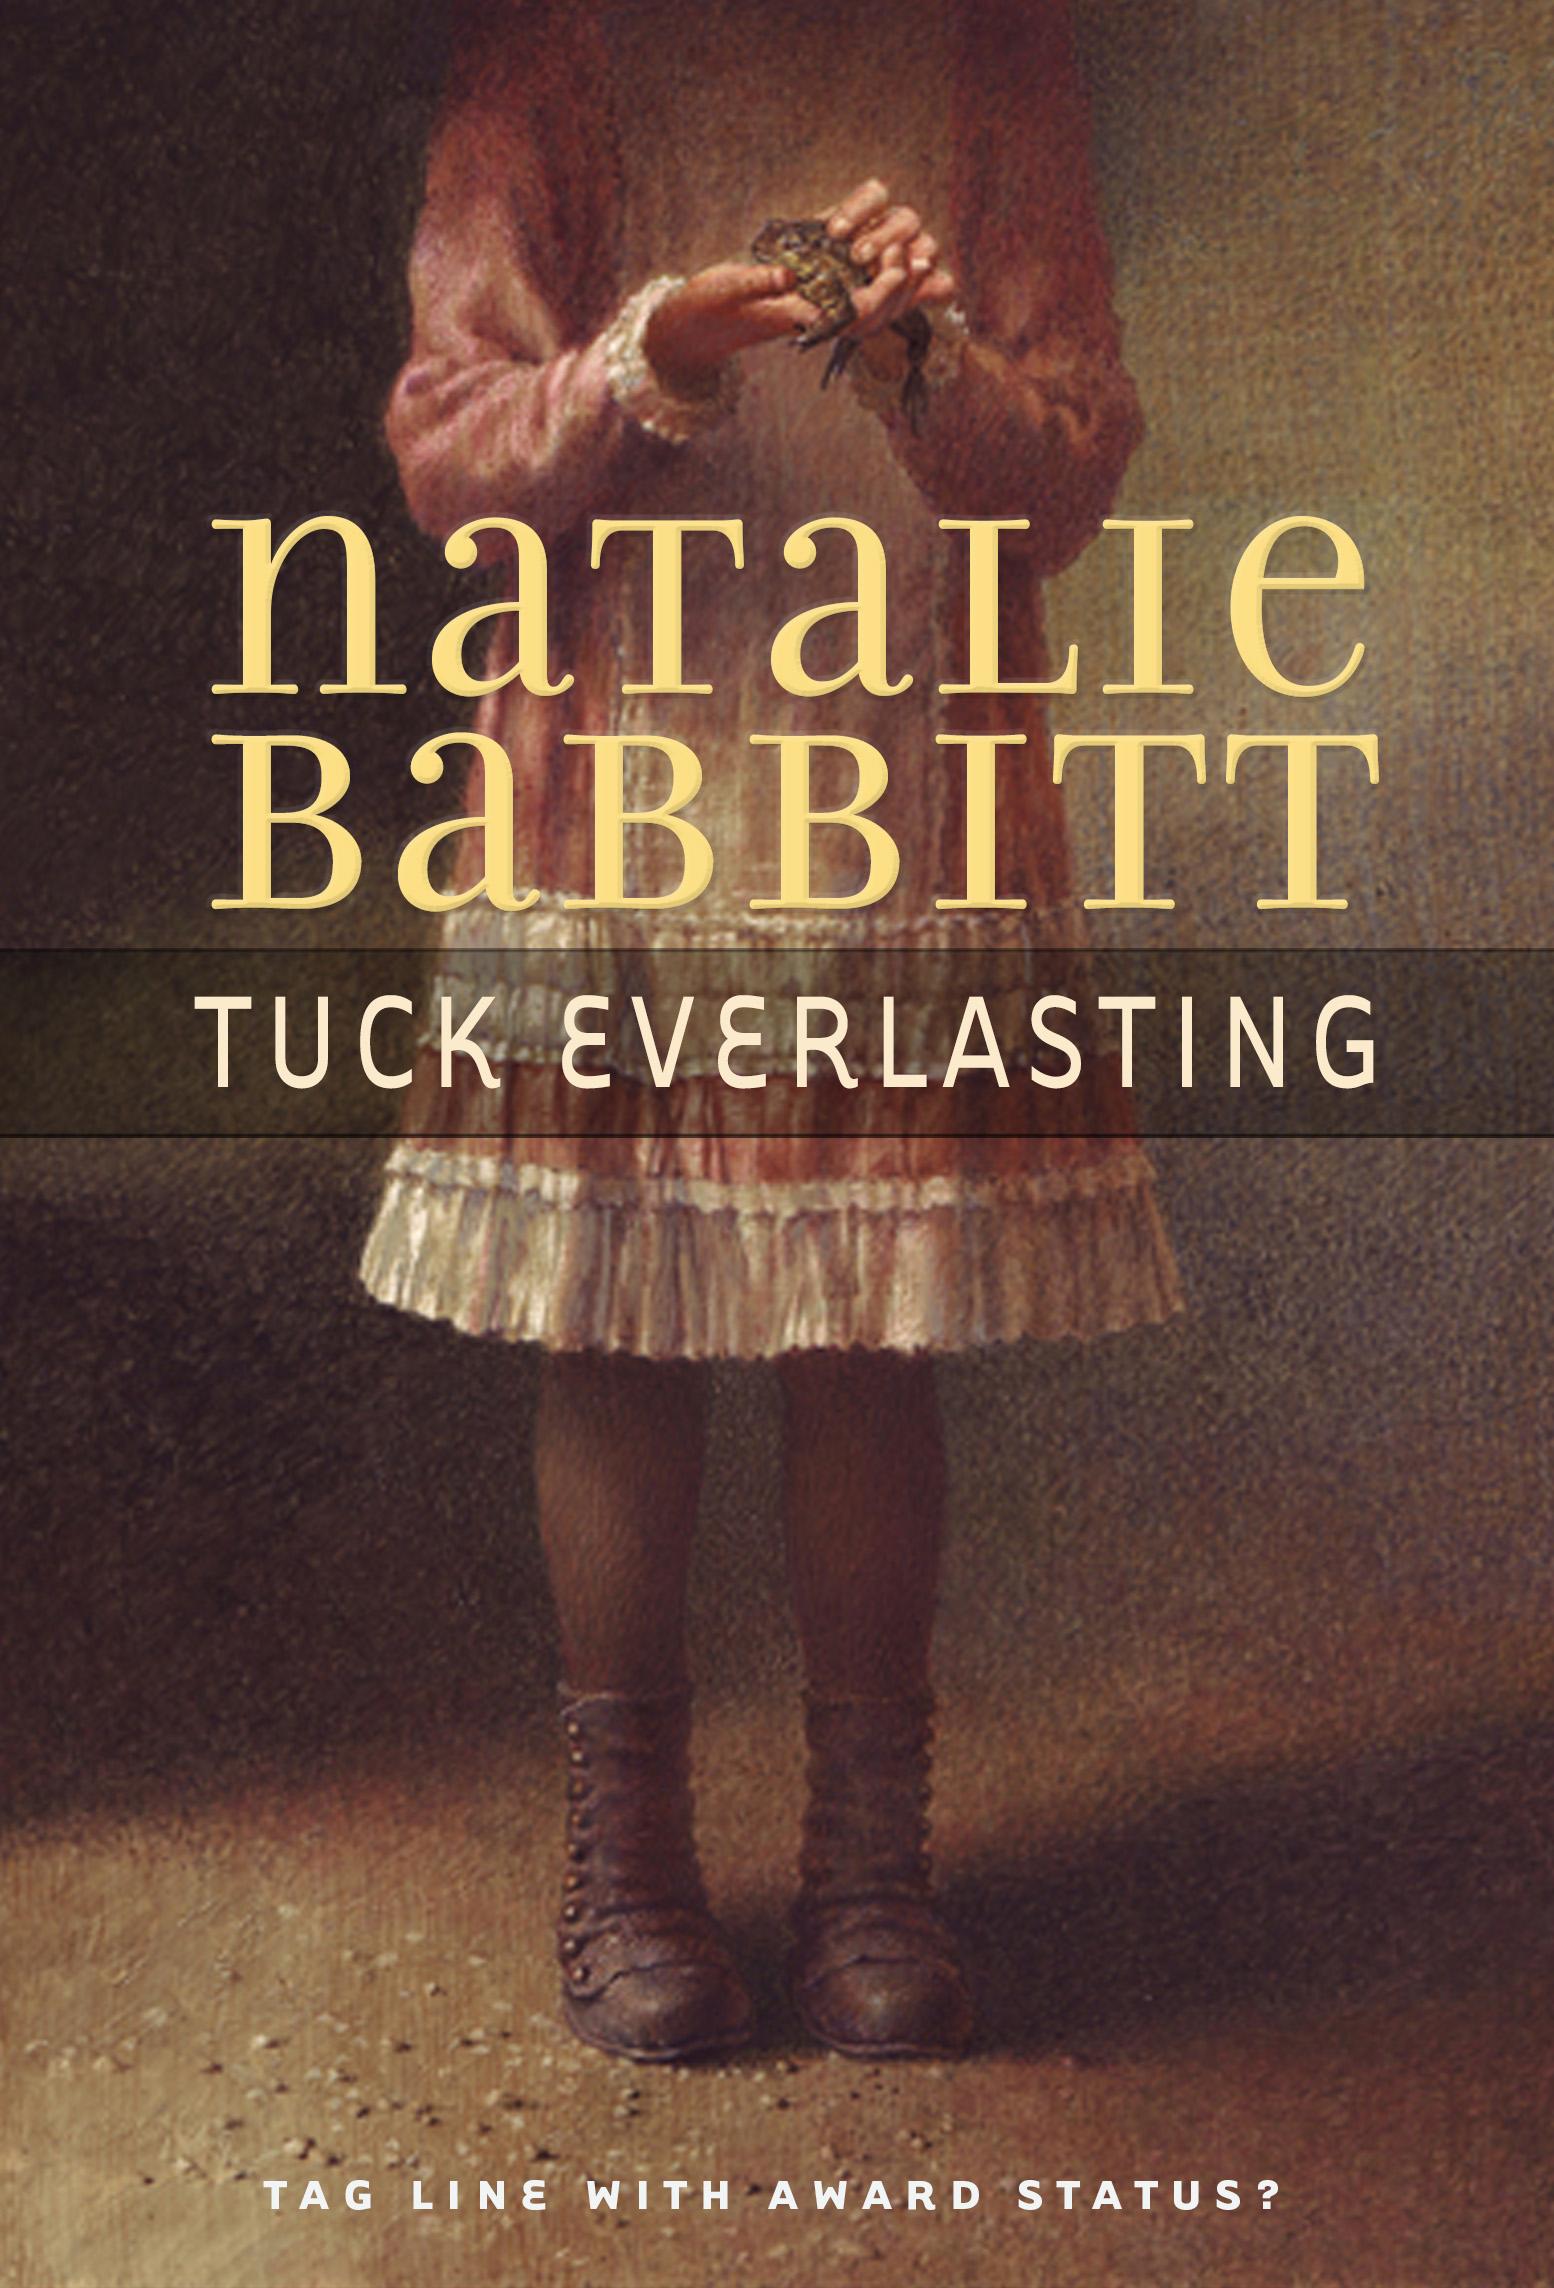 Tuck Everlasting.Fiewel & Friends.Novel Cover.jpg